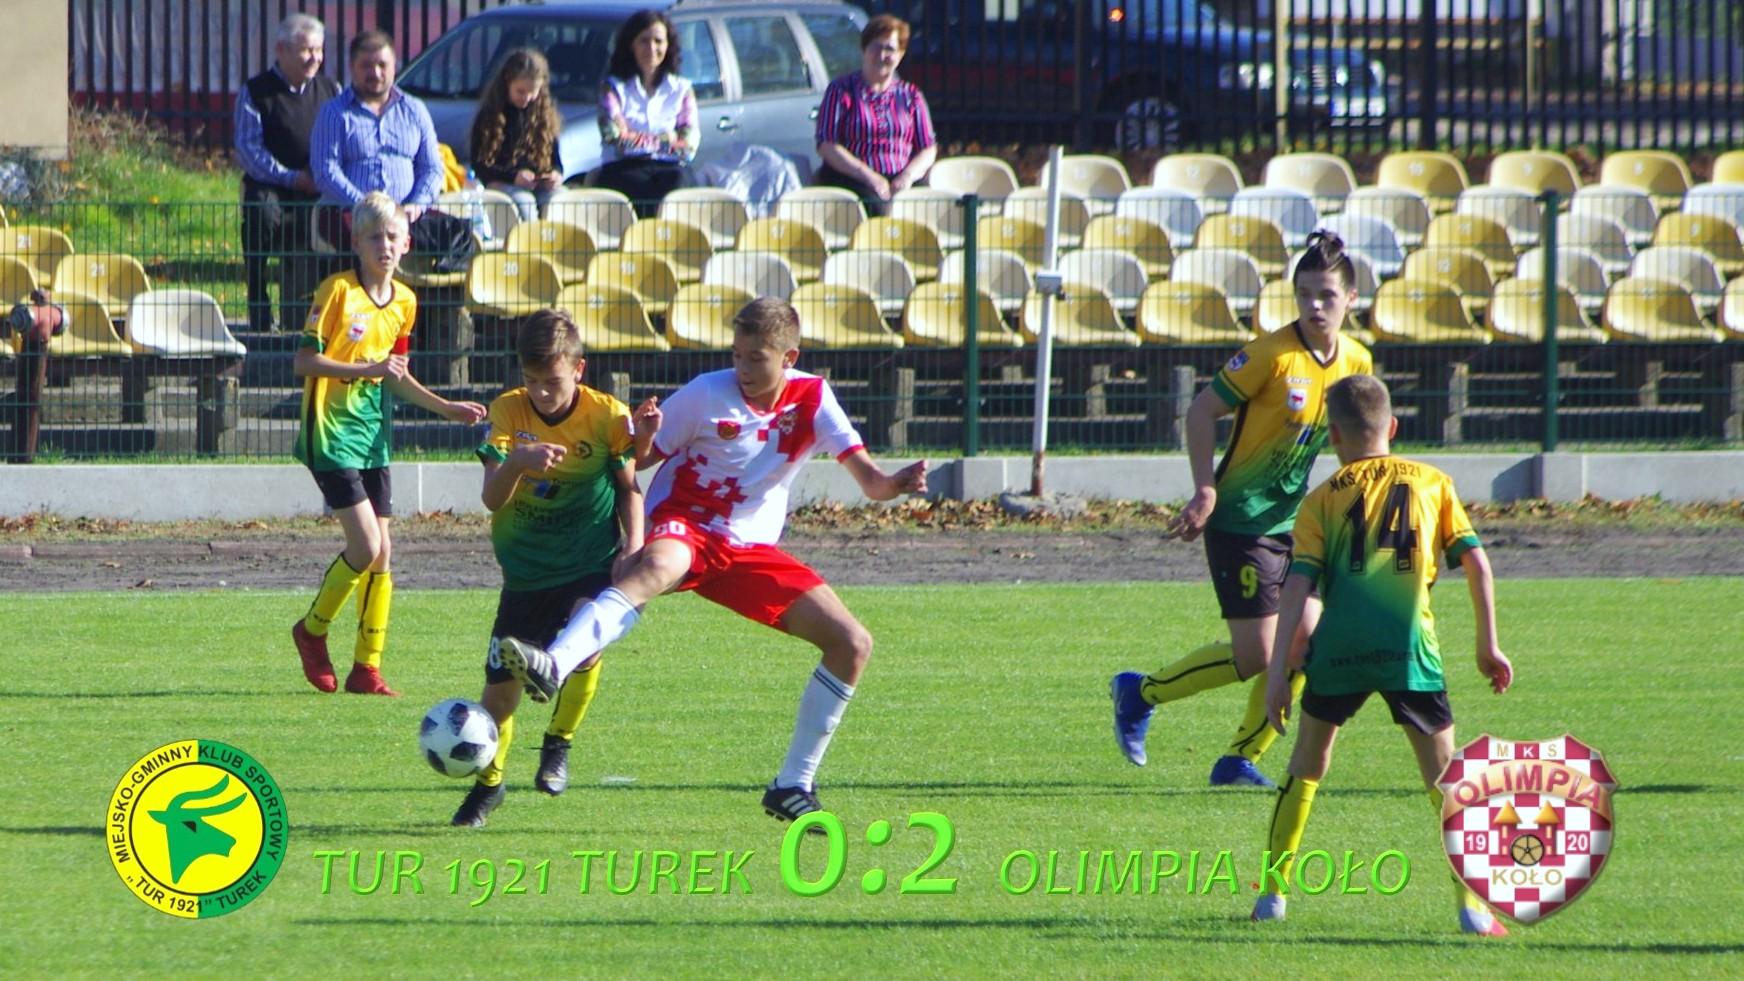 Tur 1921 Turek- Olimpia Koło 0:2